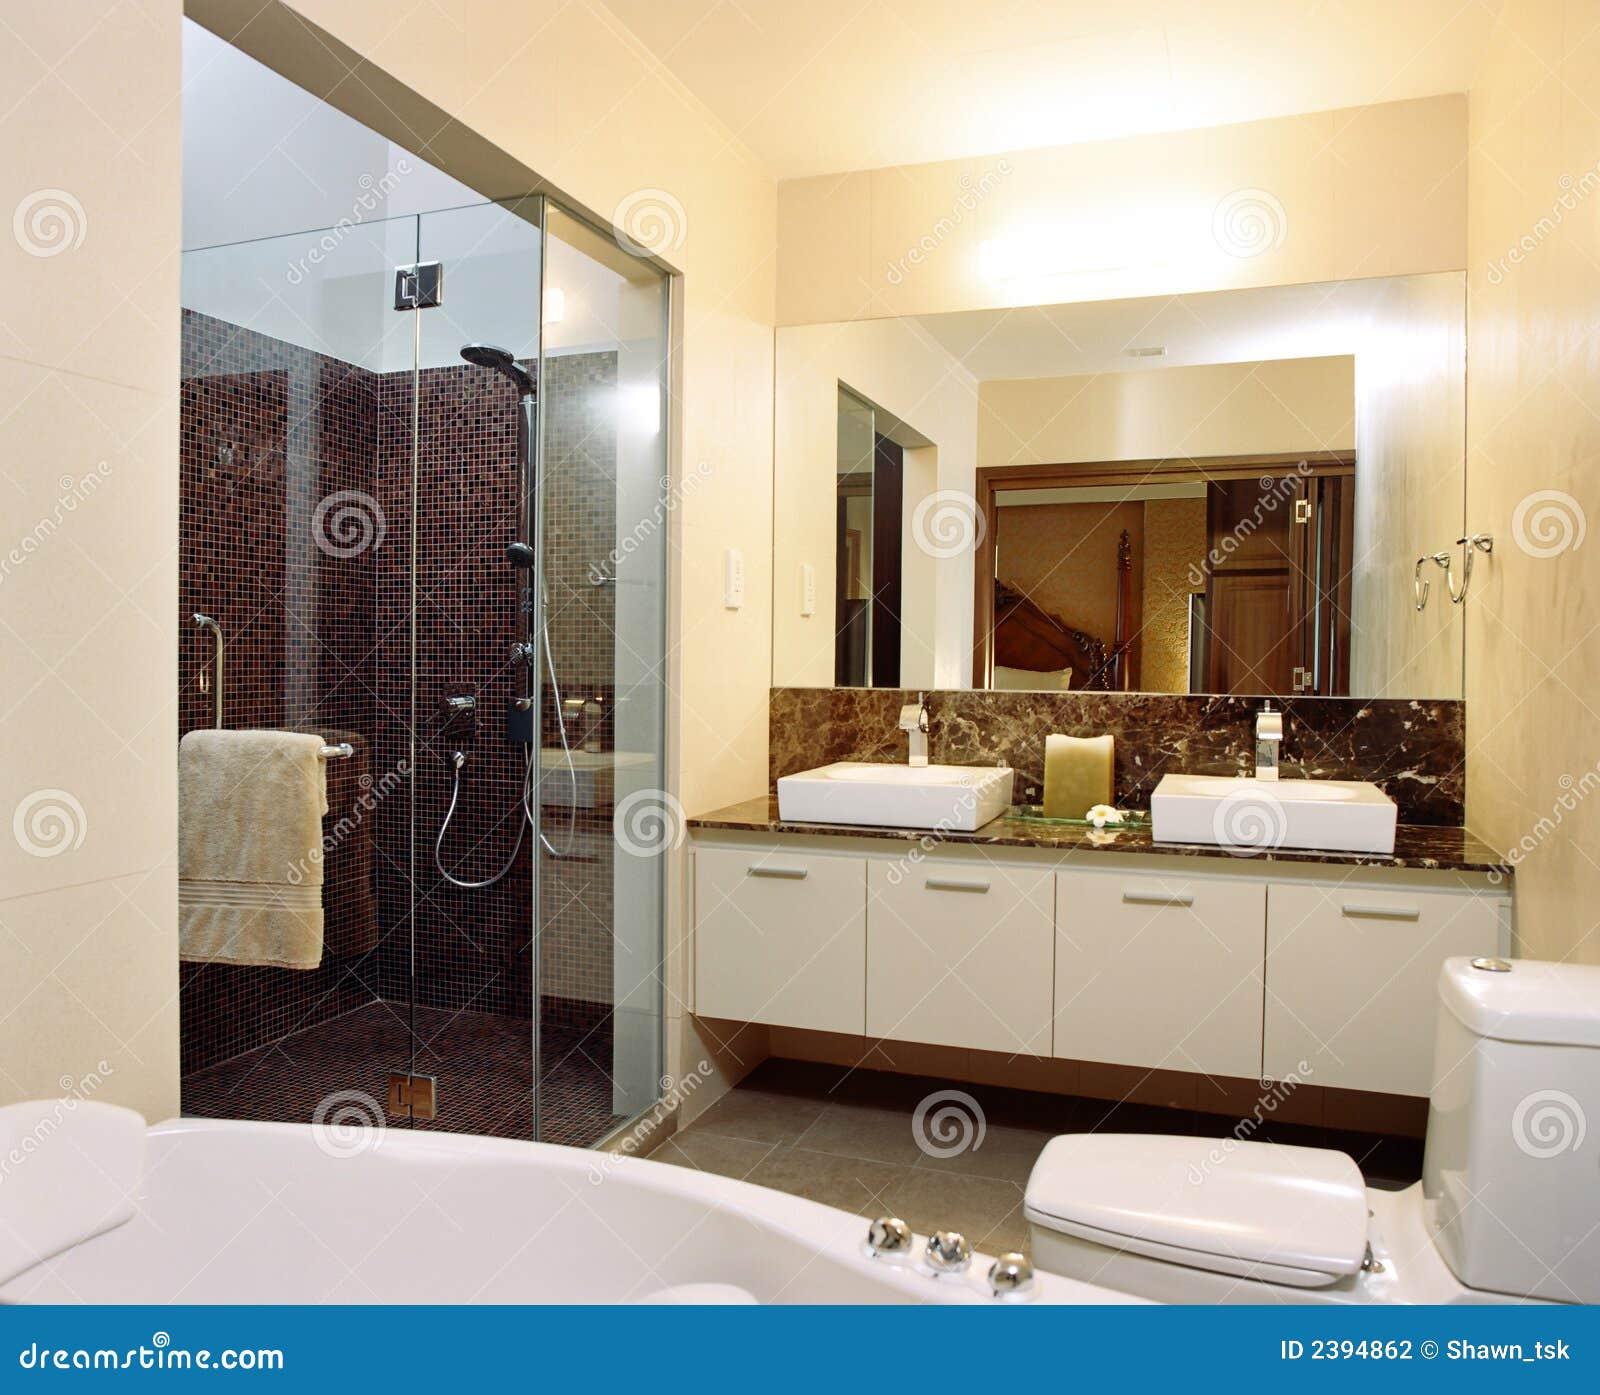 Dise o interior cuarto de ba o foto de archivo imagen for Diseno de interiores recamara principal